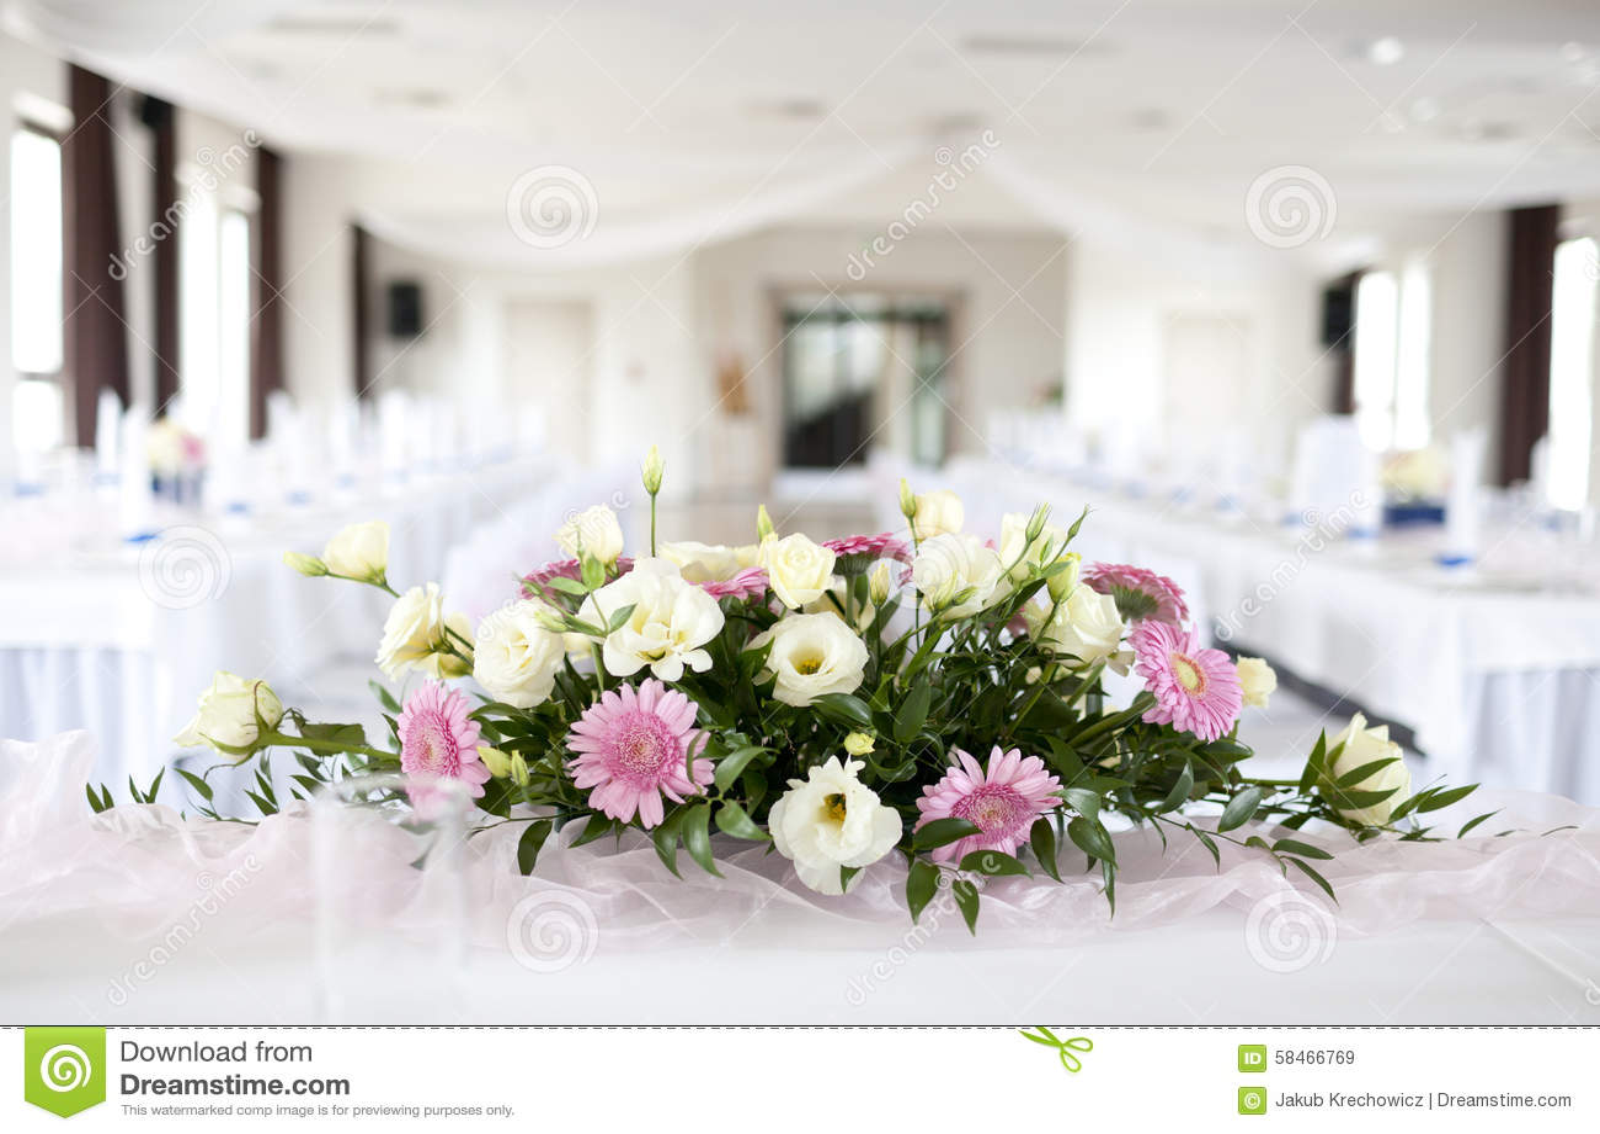 tableau de mariage avec le bouquet des fleurs image stock - image du